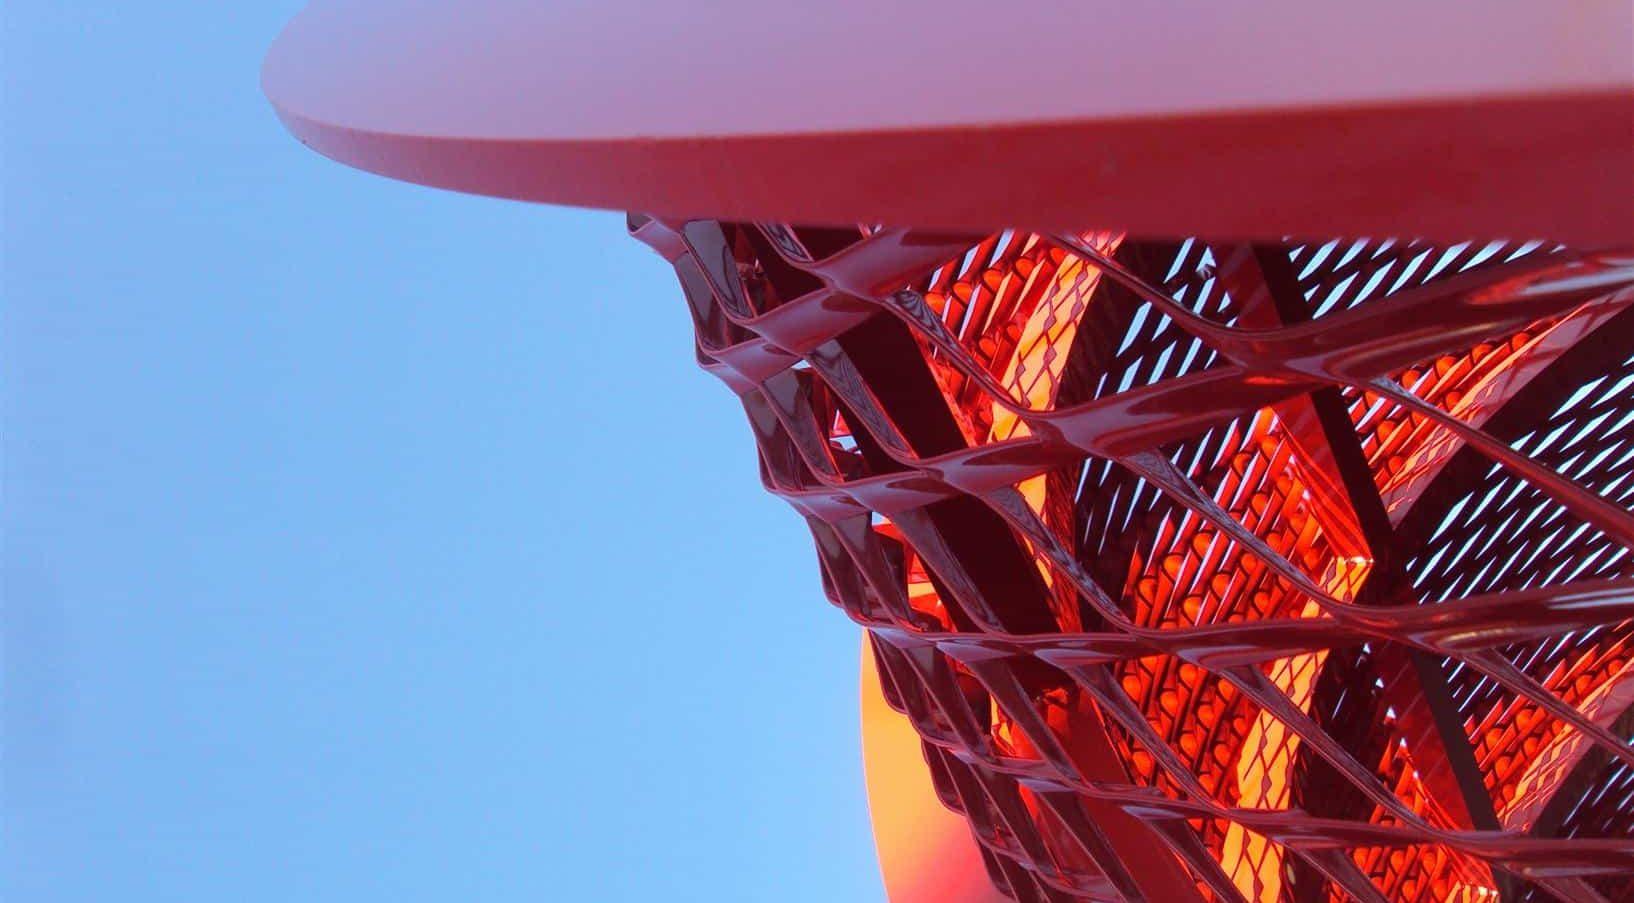 Rood gepoedercoat MD Strekmetaal van het torentje bij de Brandweerpost in Alblasserdam